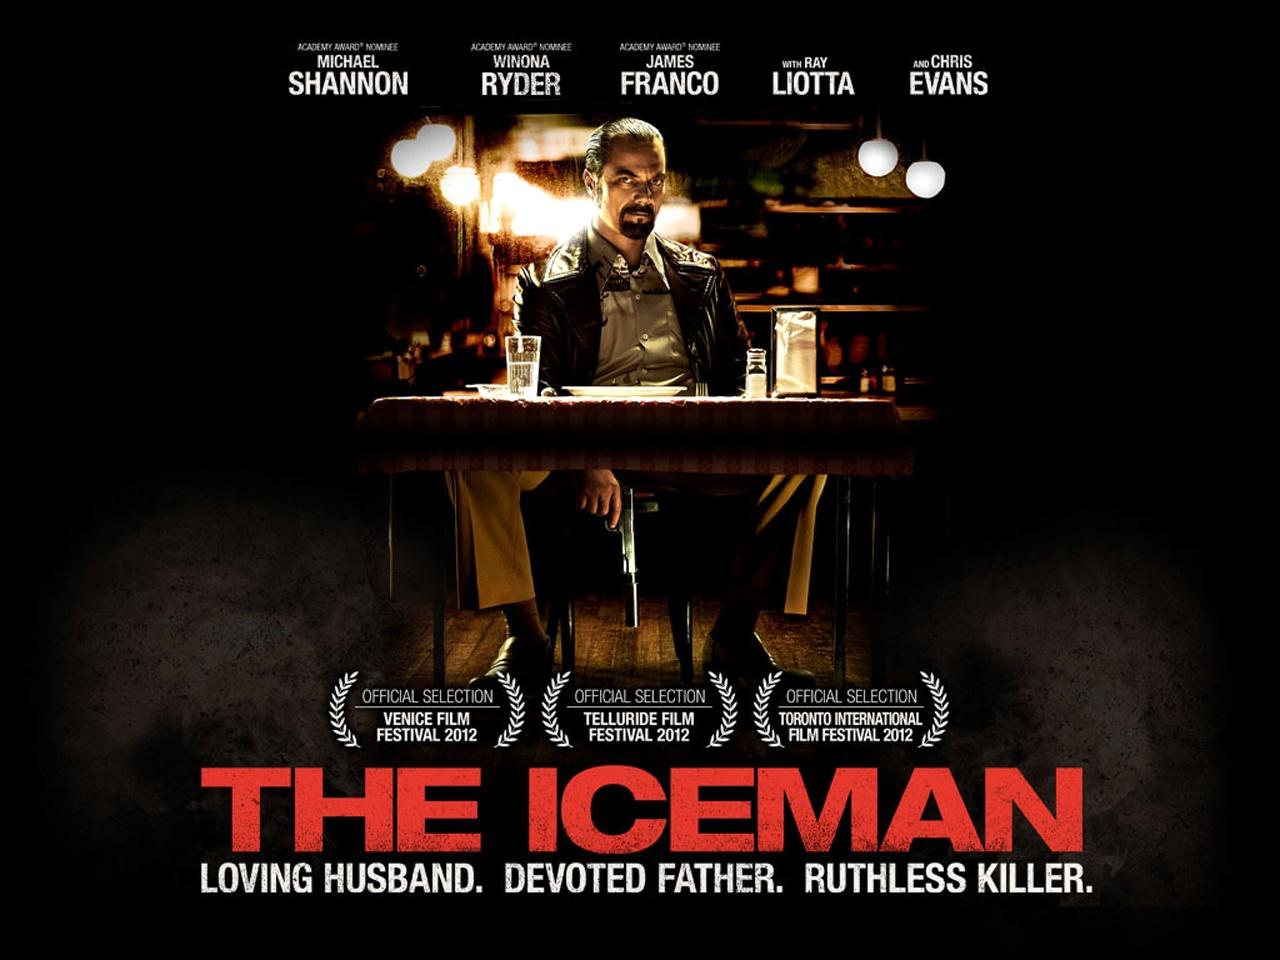 Iceman Movie 2013